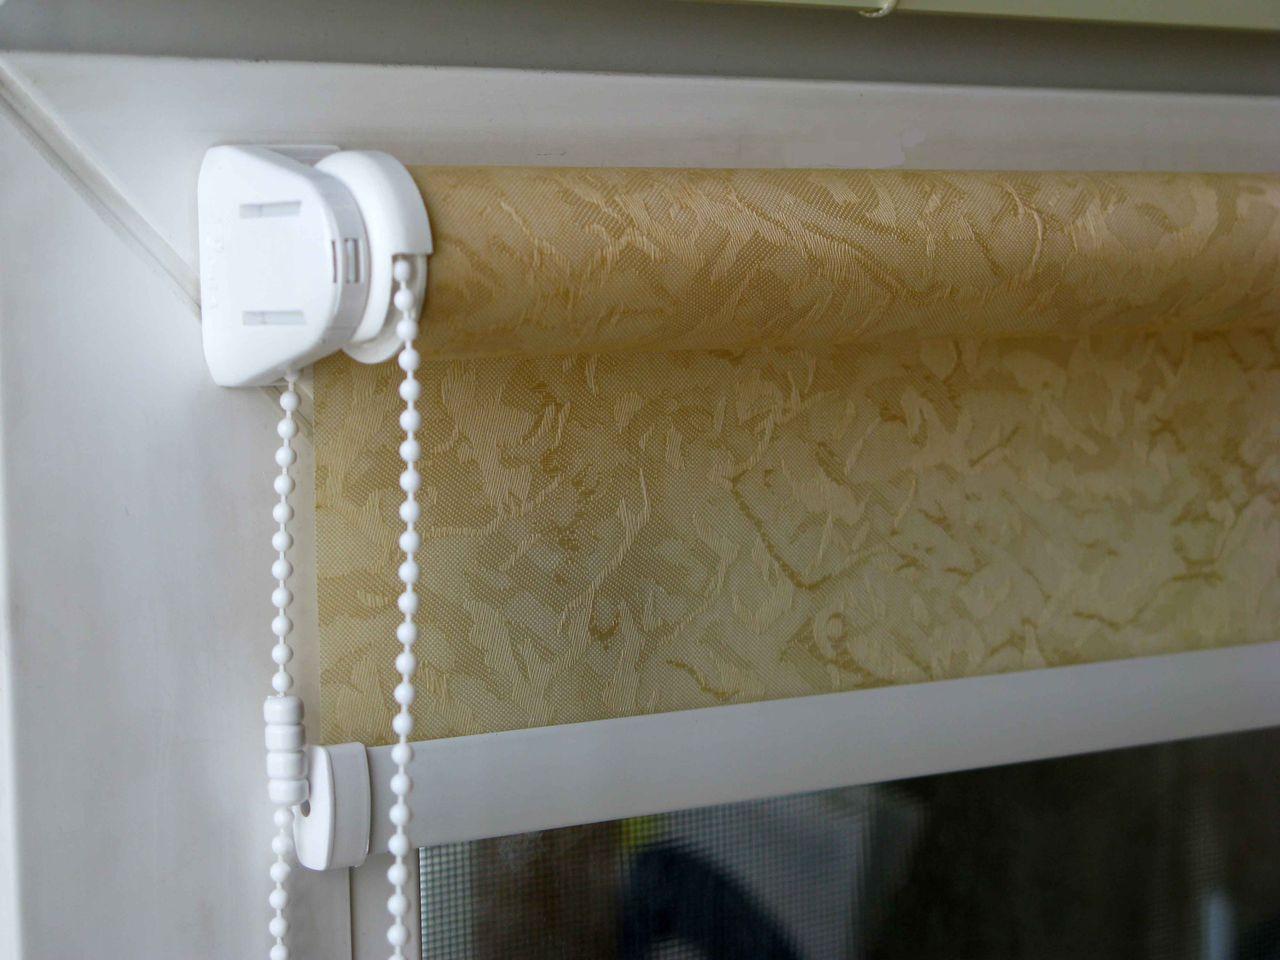 Ролл-шторы очень удобны в использовании